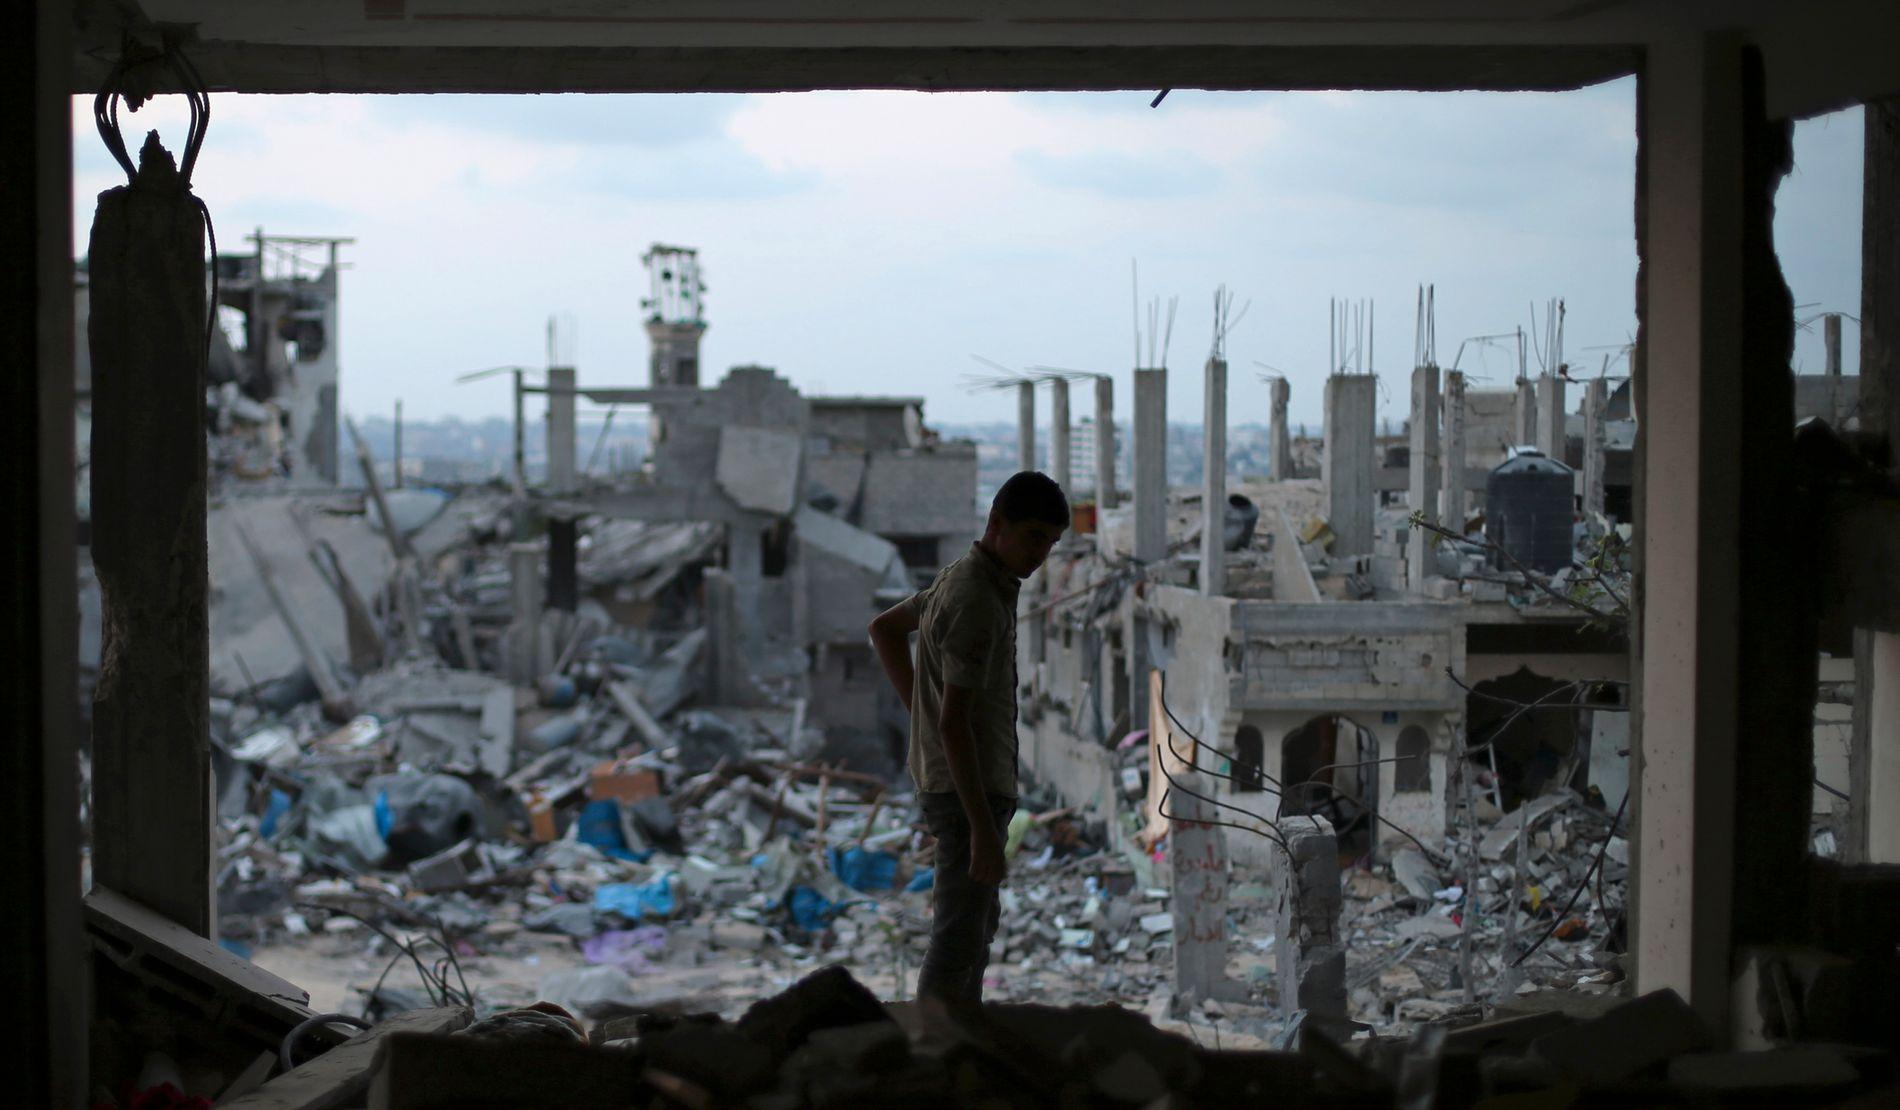 JERNGREP: Israel har heldt Gaza i eit jerngrep dei siste 50 åra, skriv innsendaren.